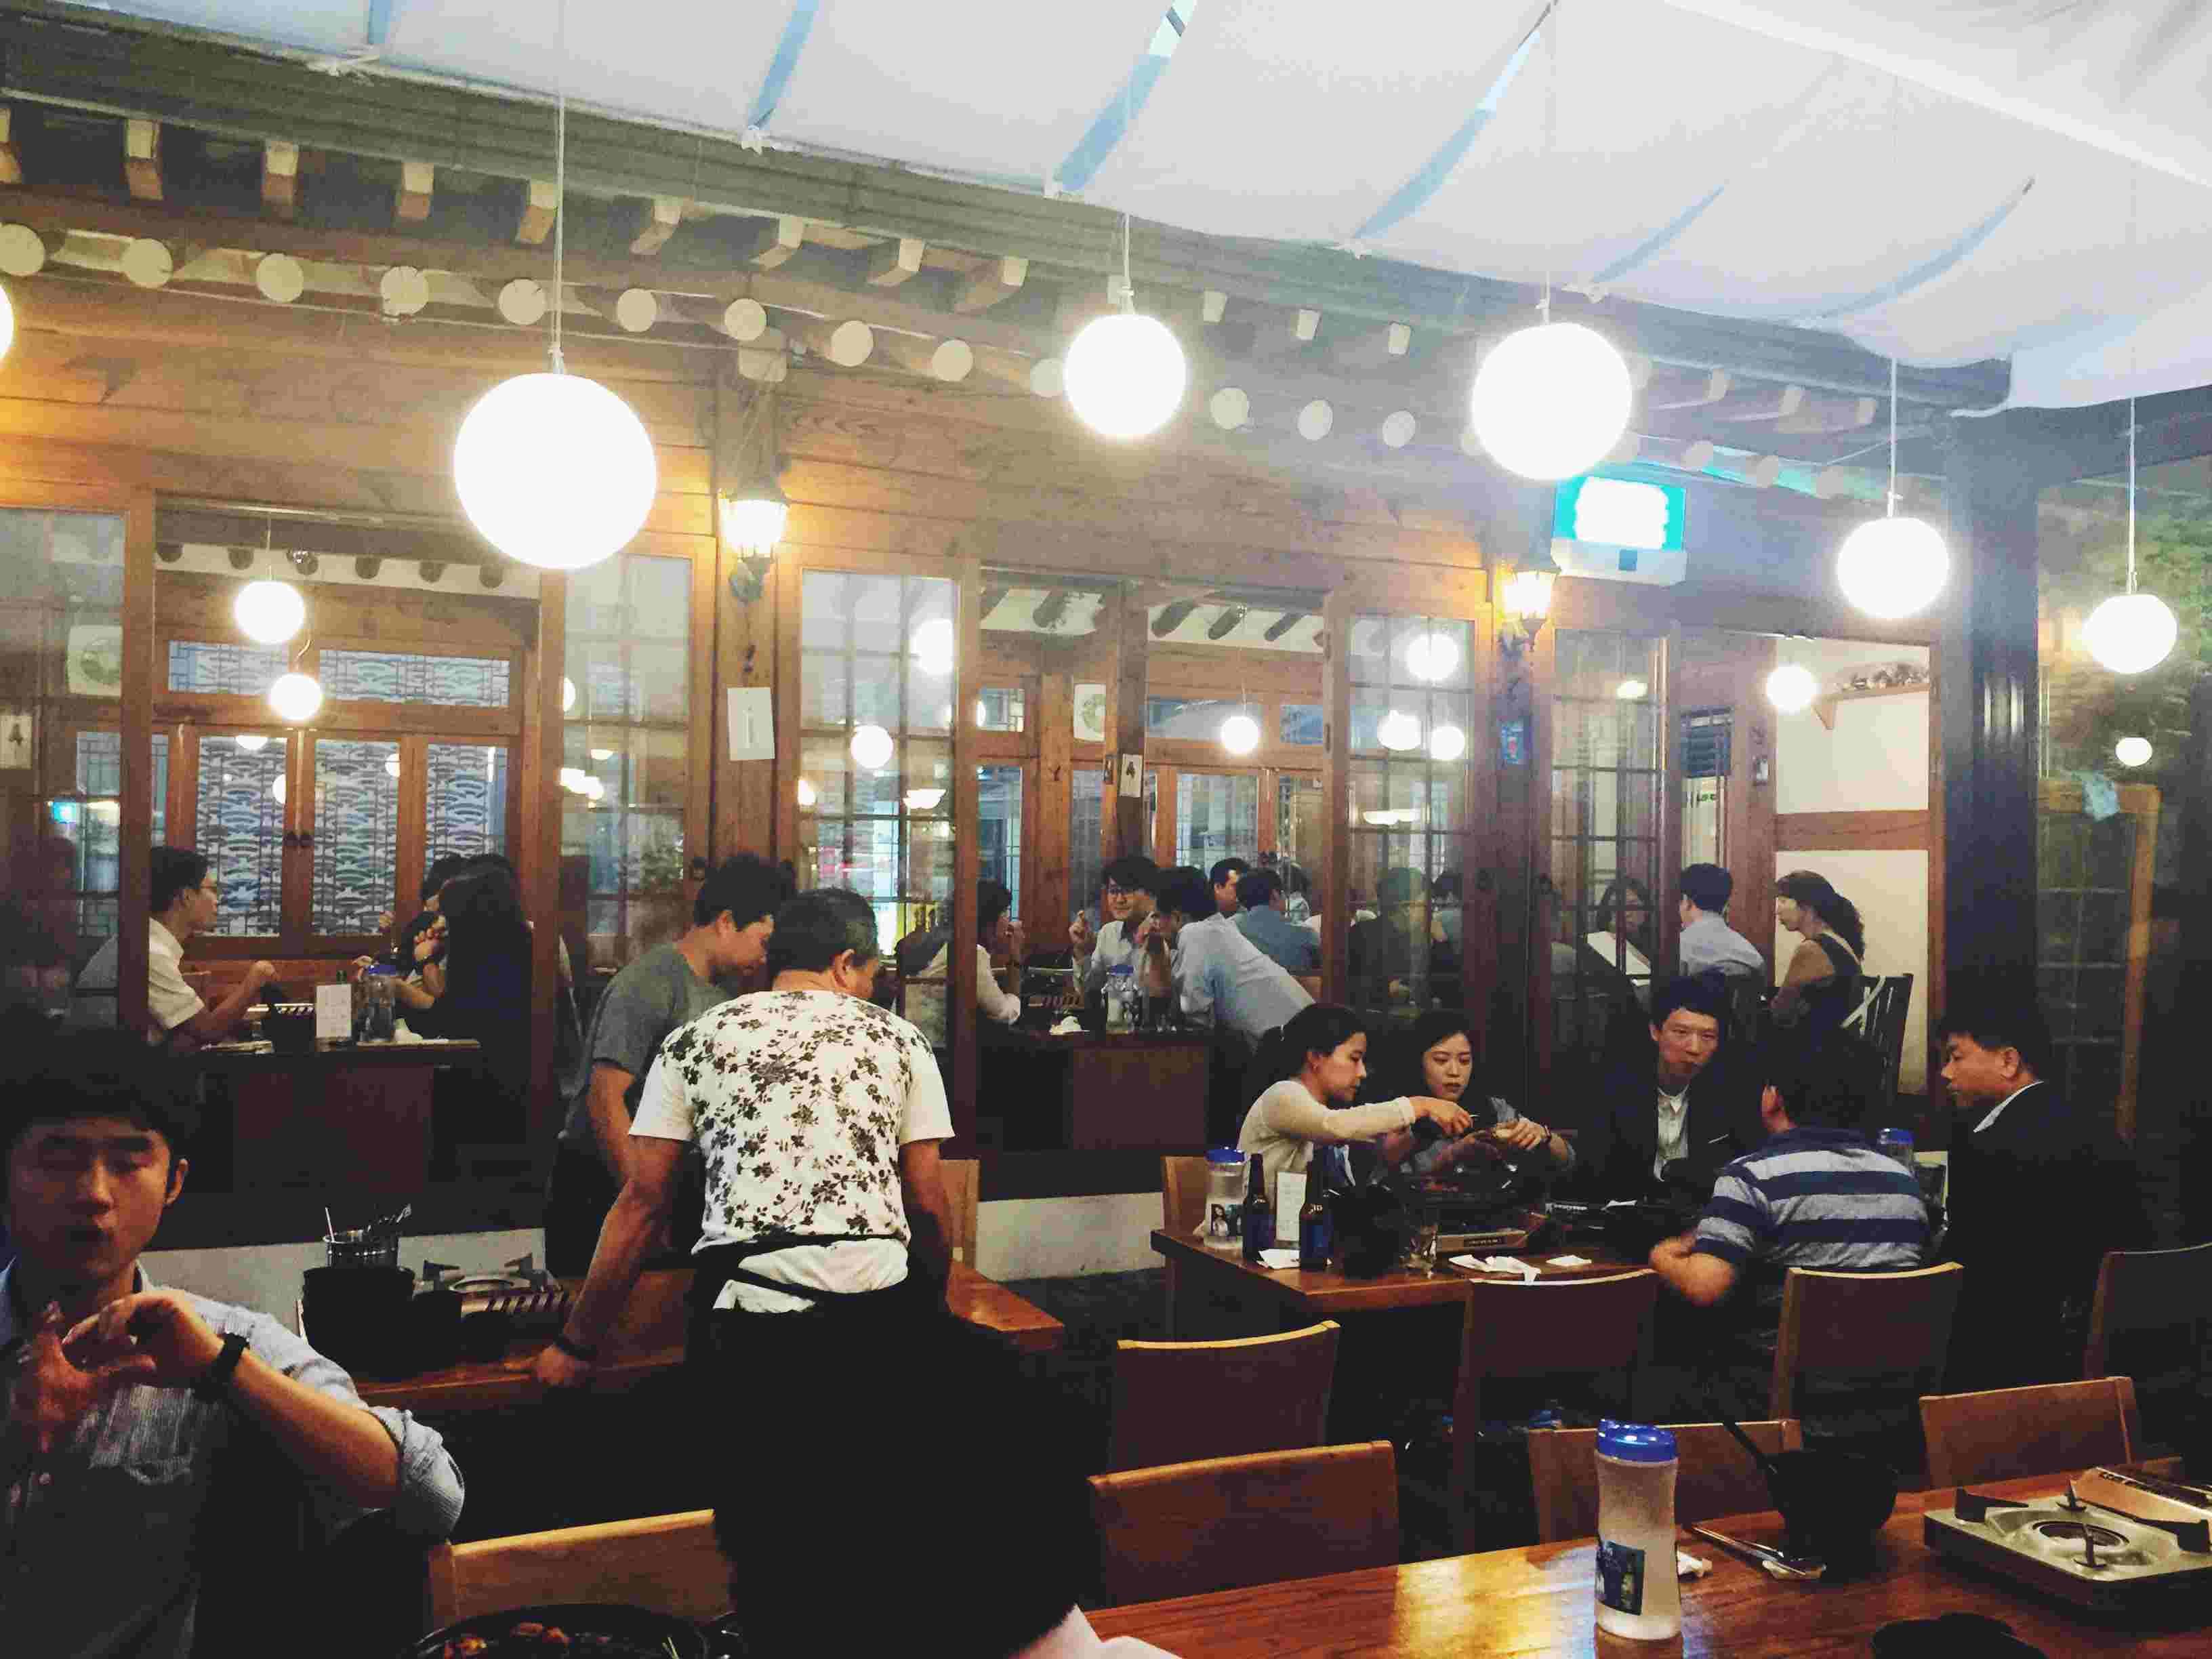 不管是中午或晚上,店裡幾乎都是附近的上班族來到這裡進行회식(會餐) - 就是韓劇裡常看到的下了班之後各單位同事們不放過彼此、一定要出來吃頓飯喝點酒罵點誰的聚餐XD